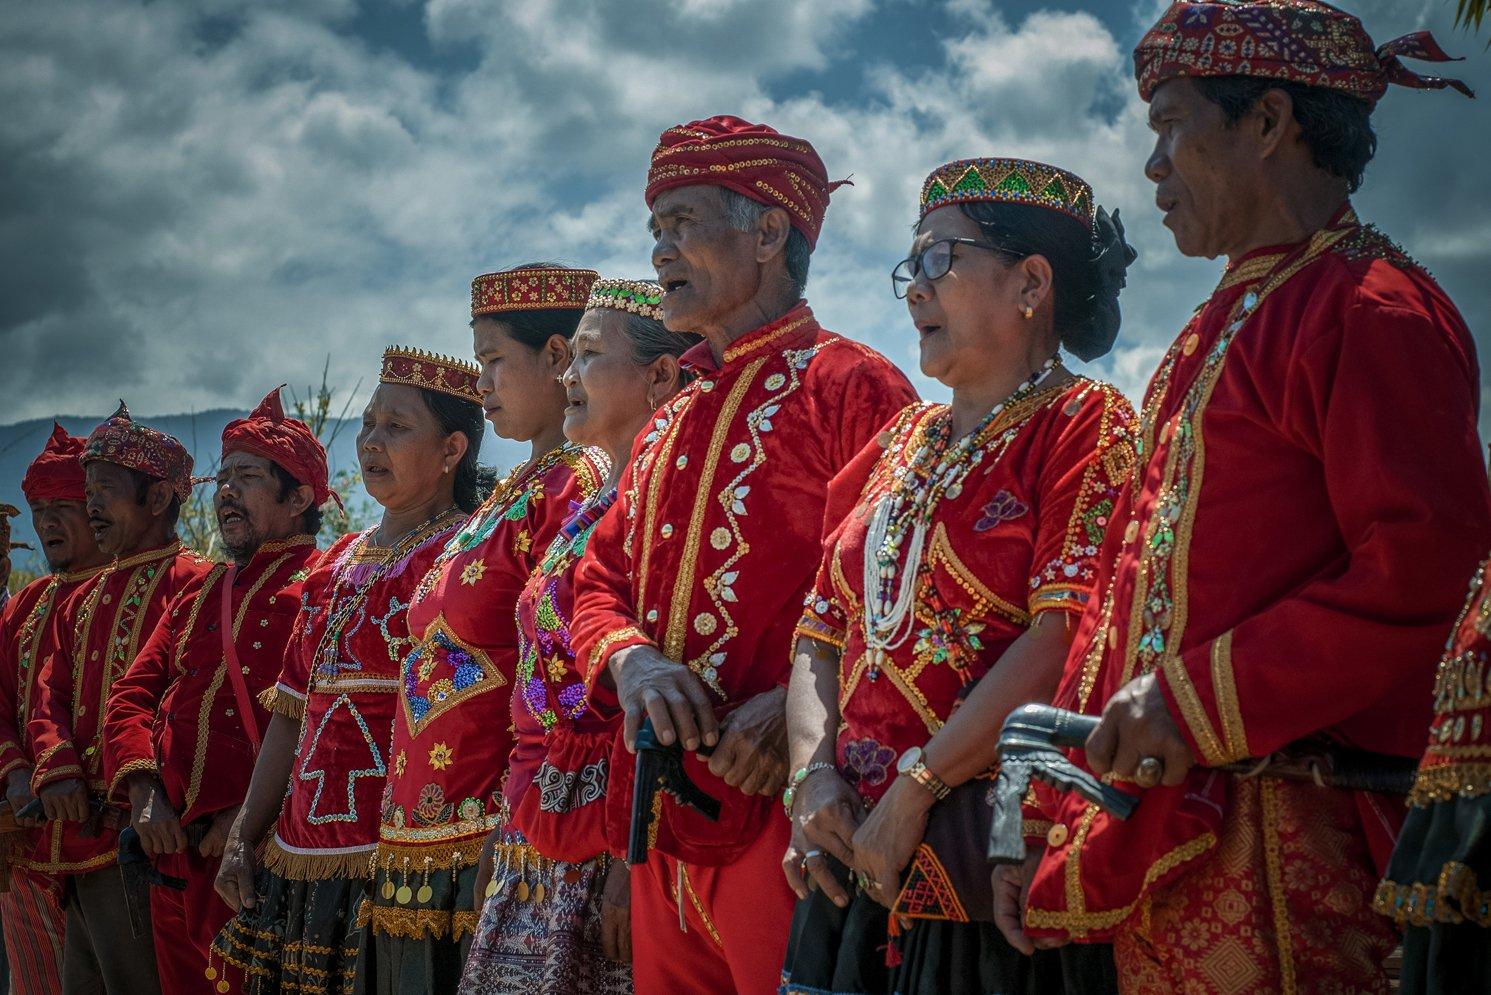 Kehadiran lembaga adat di peternakan leluhur itu bukan tanpa alasan, karena seluruh hasil peternakan hanya akan didistribusikan untuk kegiatan-kegiatan yang bersifat tradisi yang melanggengkan adat.